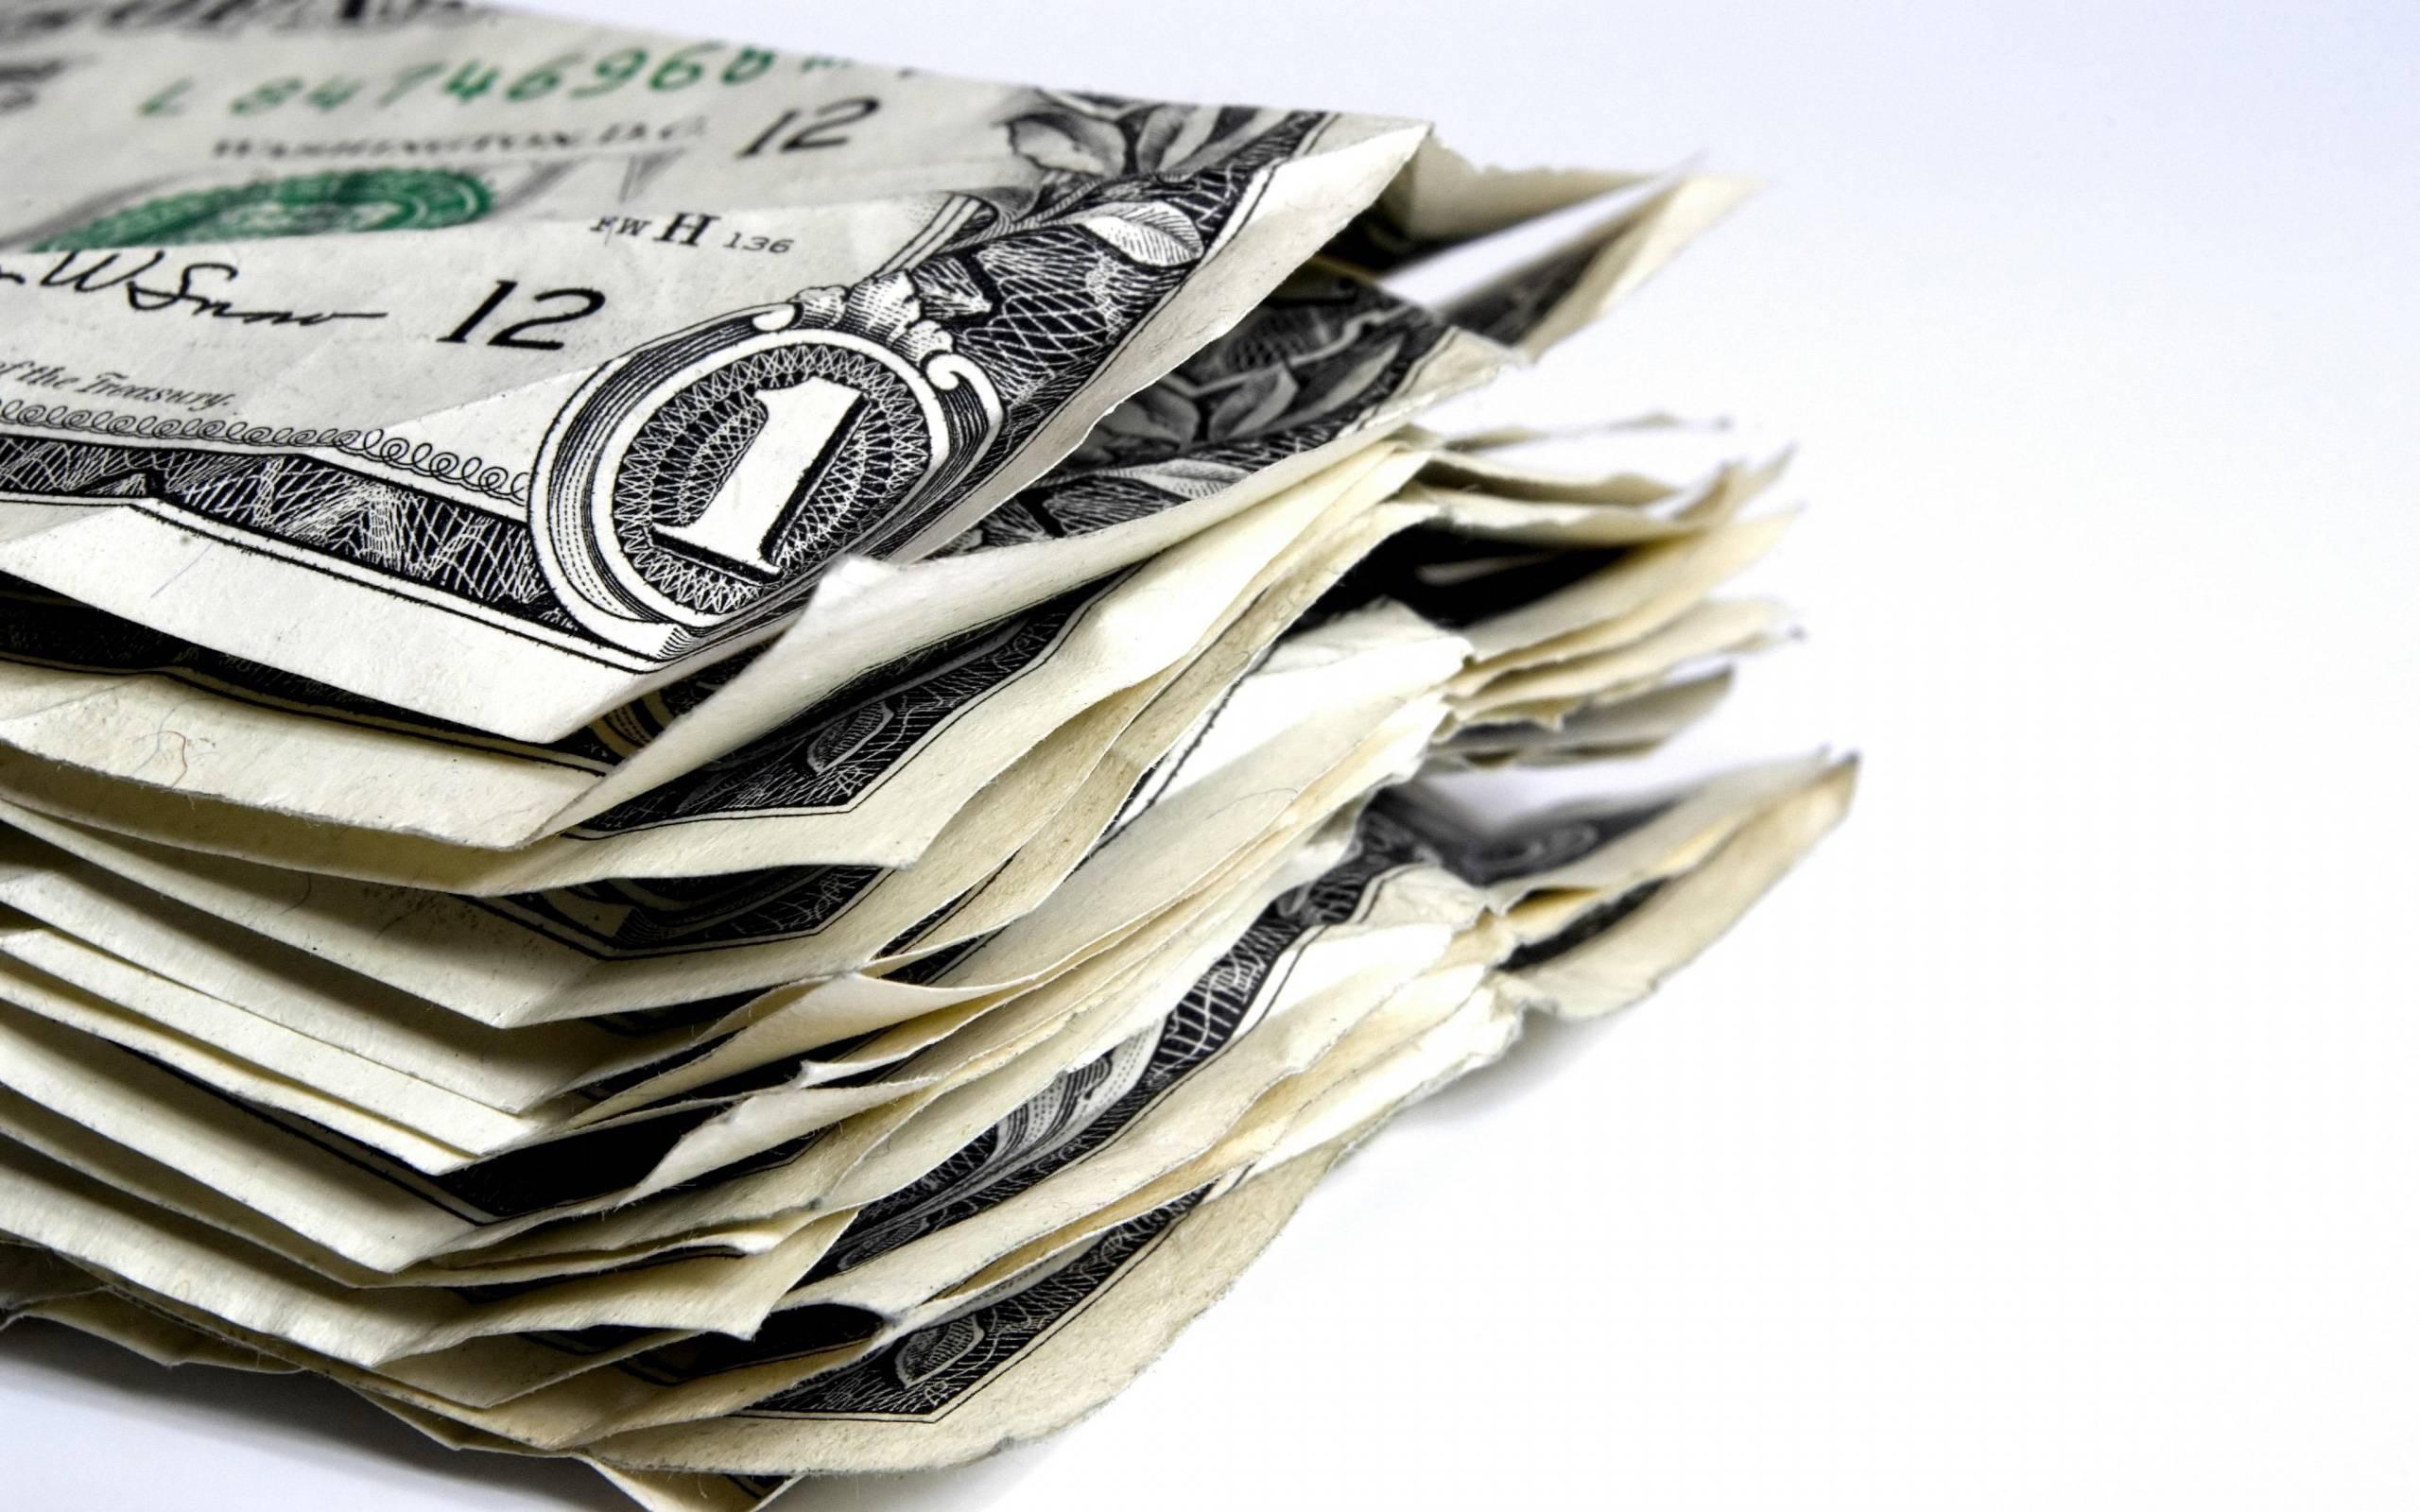 money-47d62b329d63c2f47936fe7ba3364e38.jpg